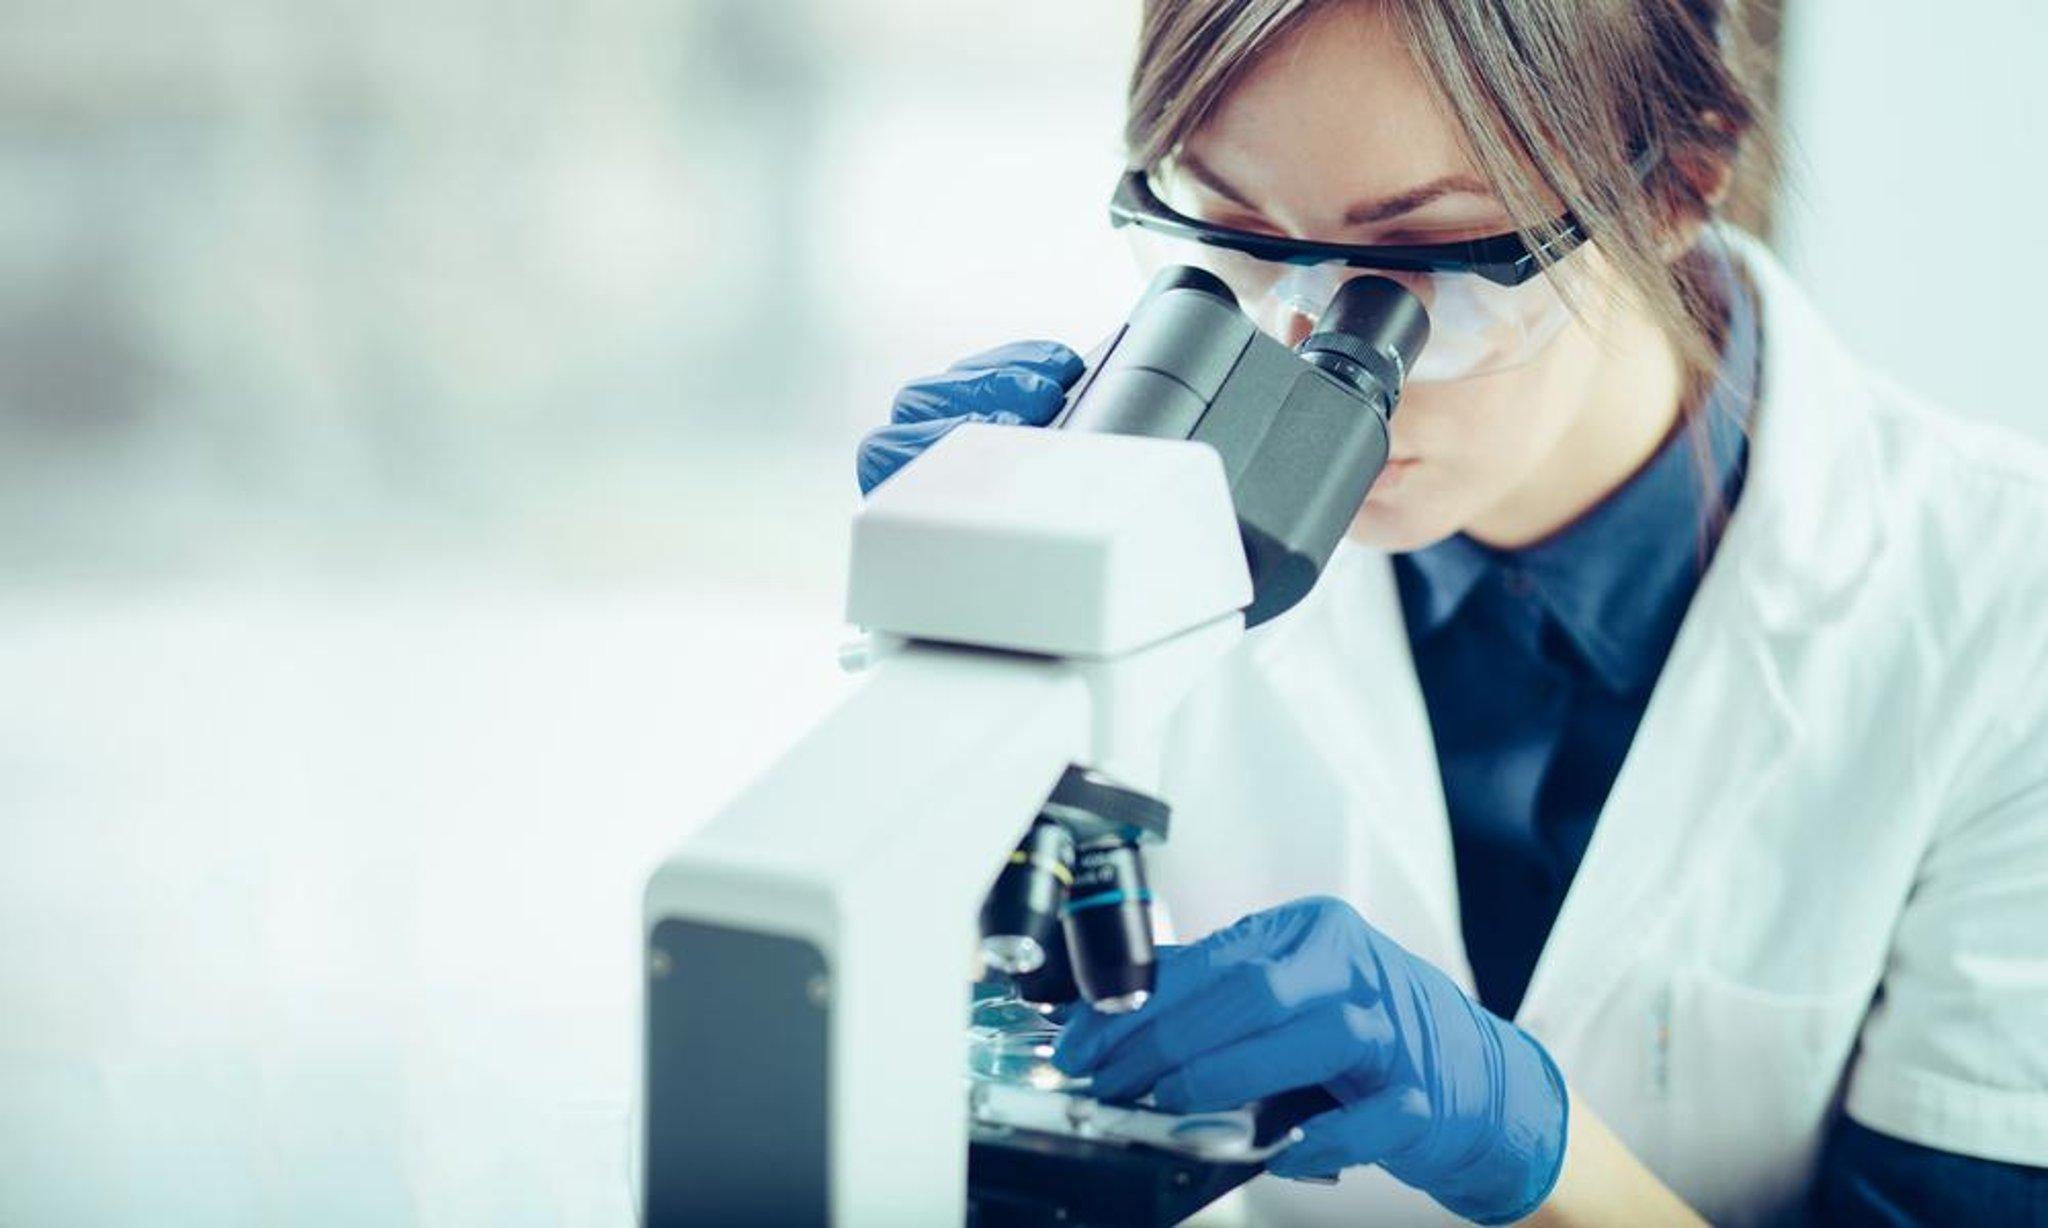 Konsultasi SULSA bertujuan untuk meningkatkan inovasi medis